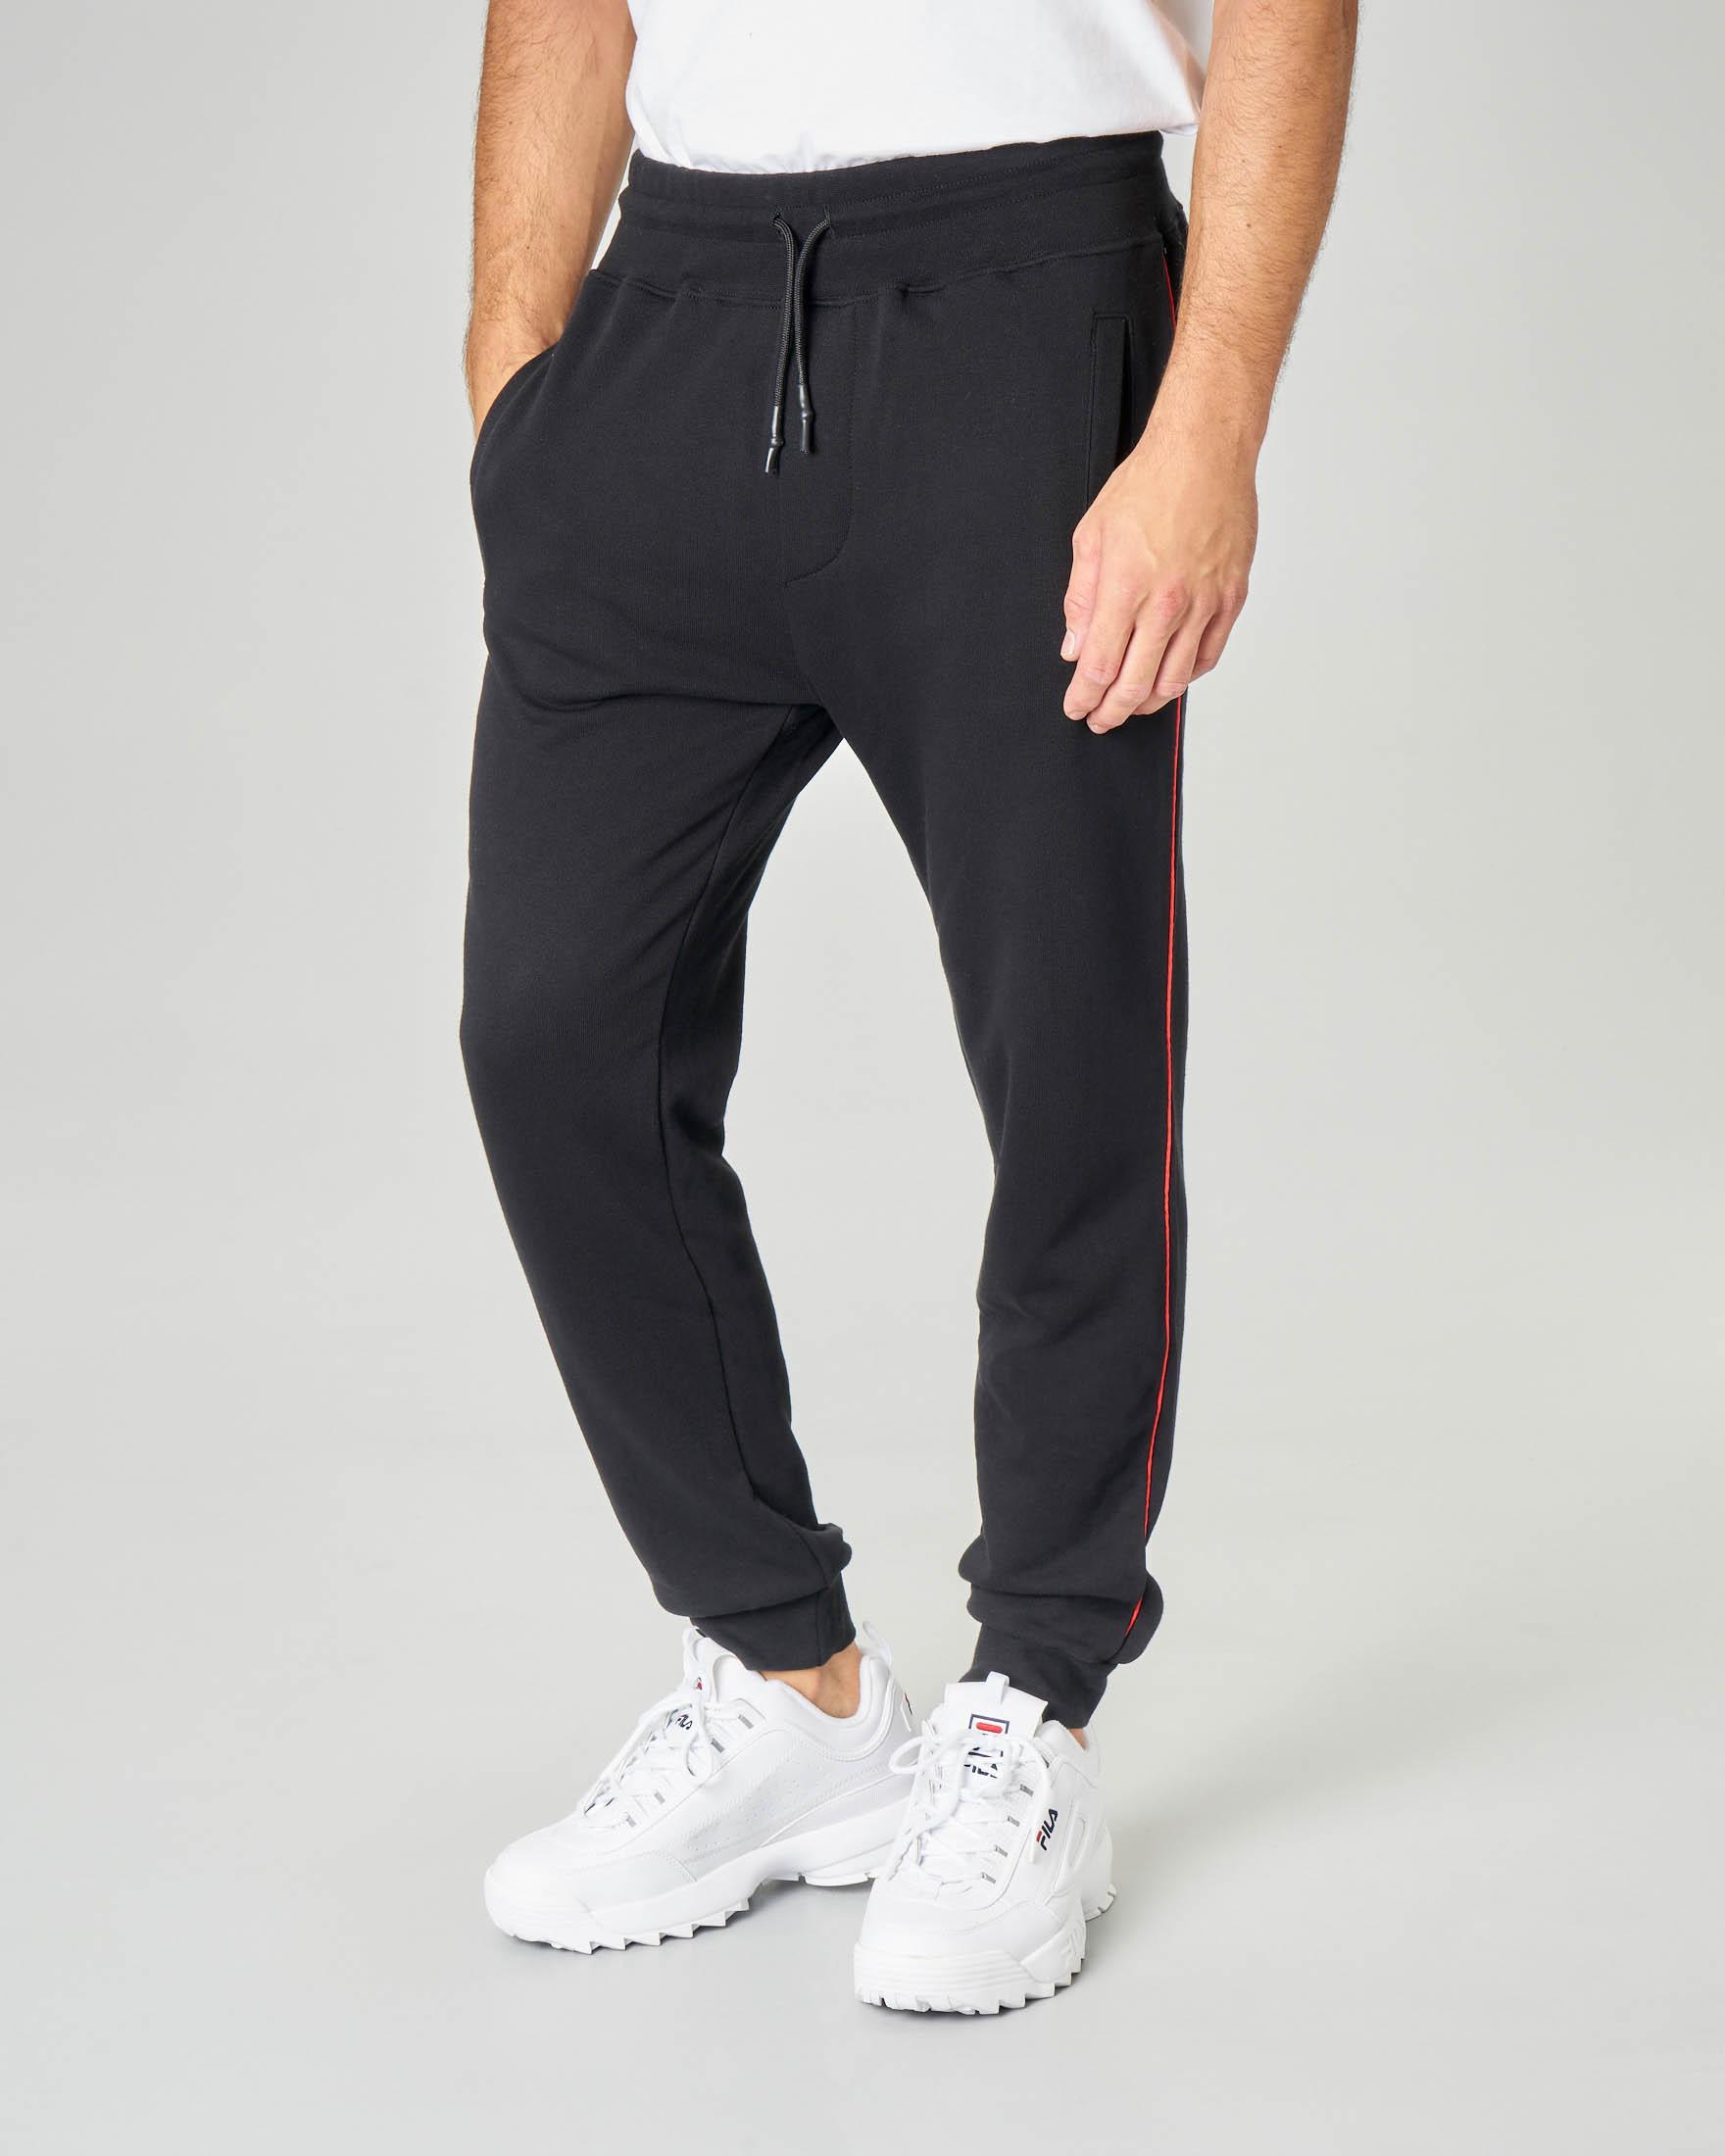 Pantalone nero in felpa con banda rossa fine e logo stampato sul polpaccio